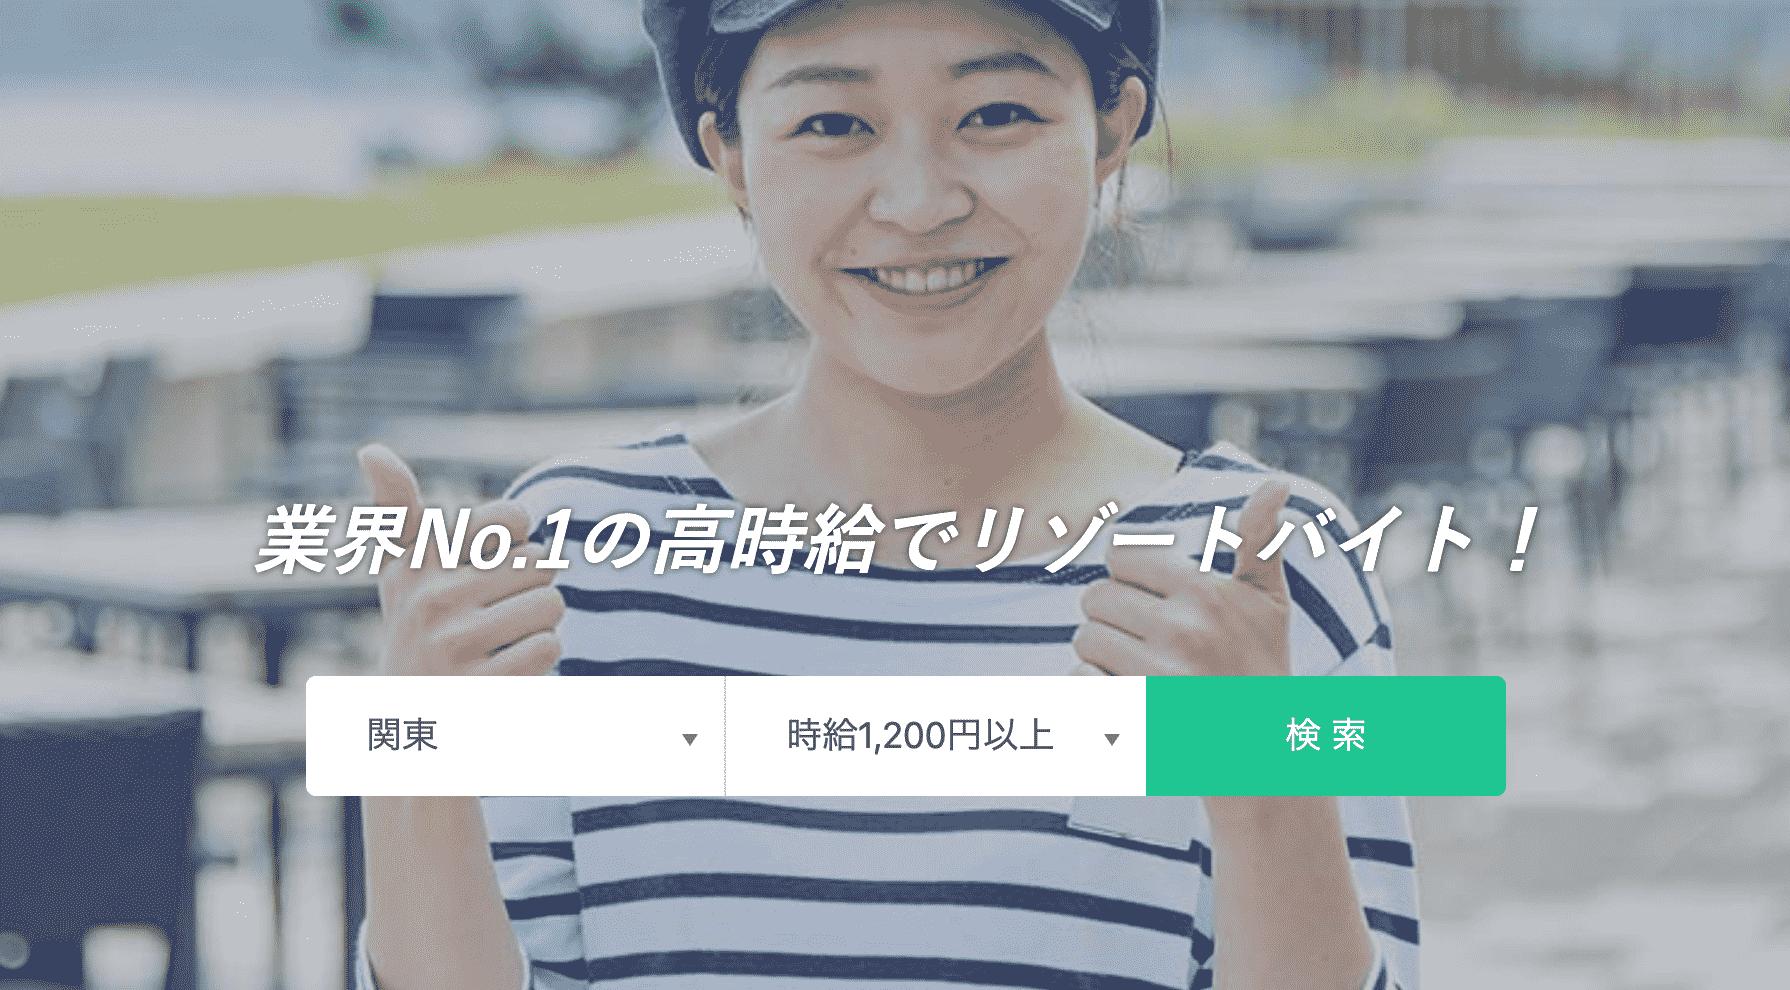 リゾバ.com デメリット